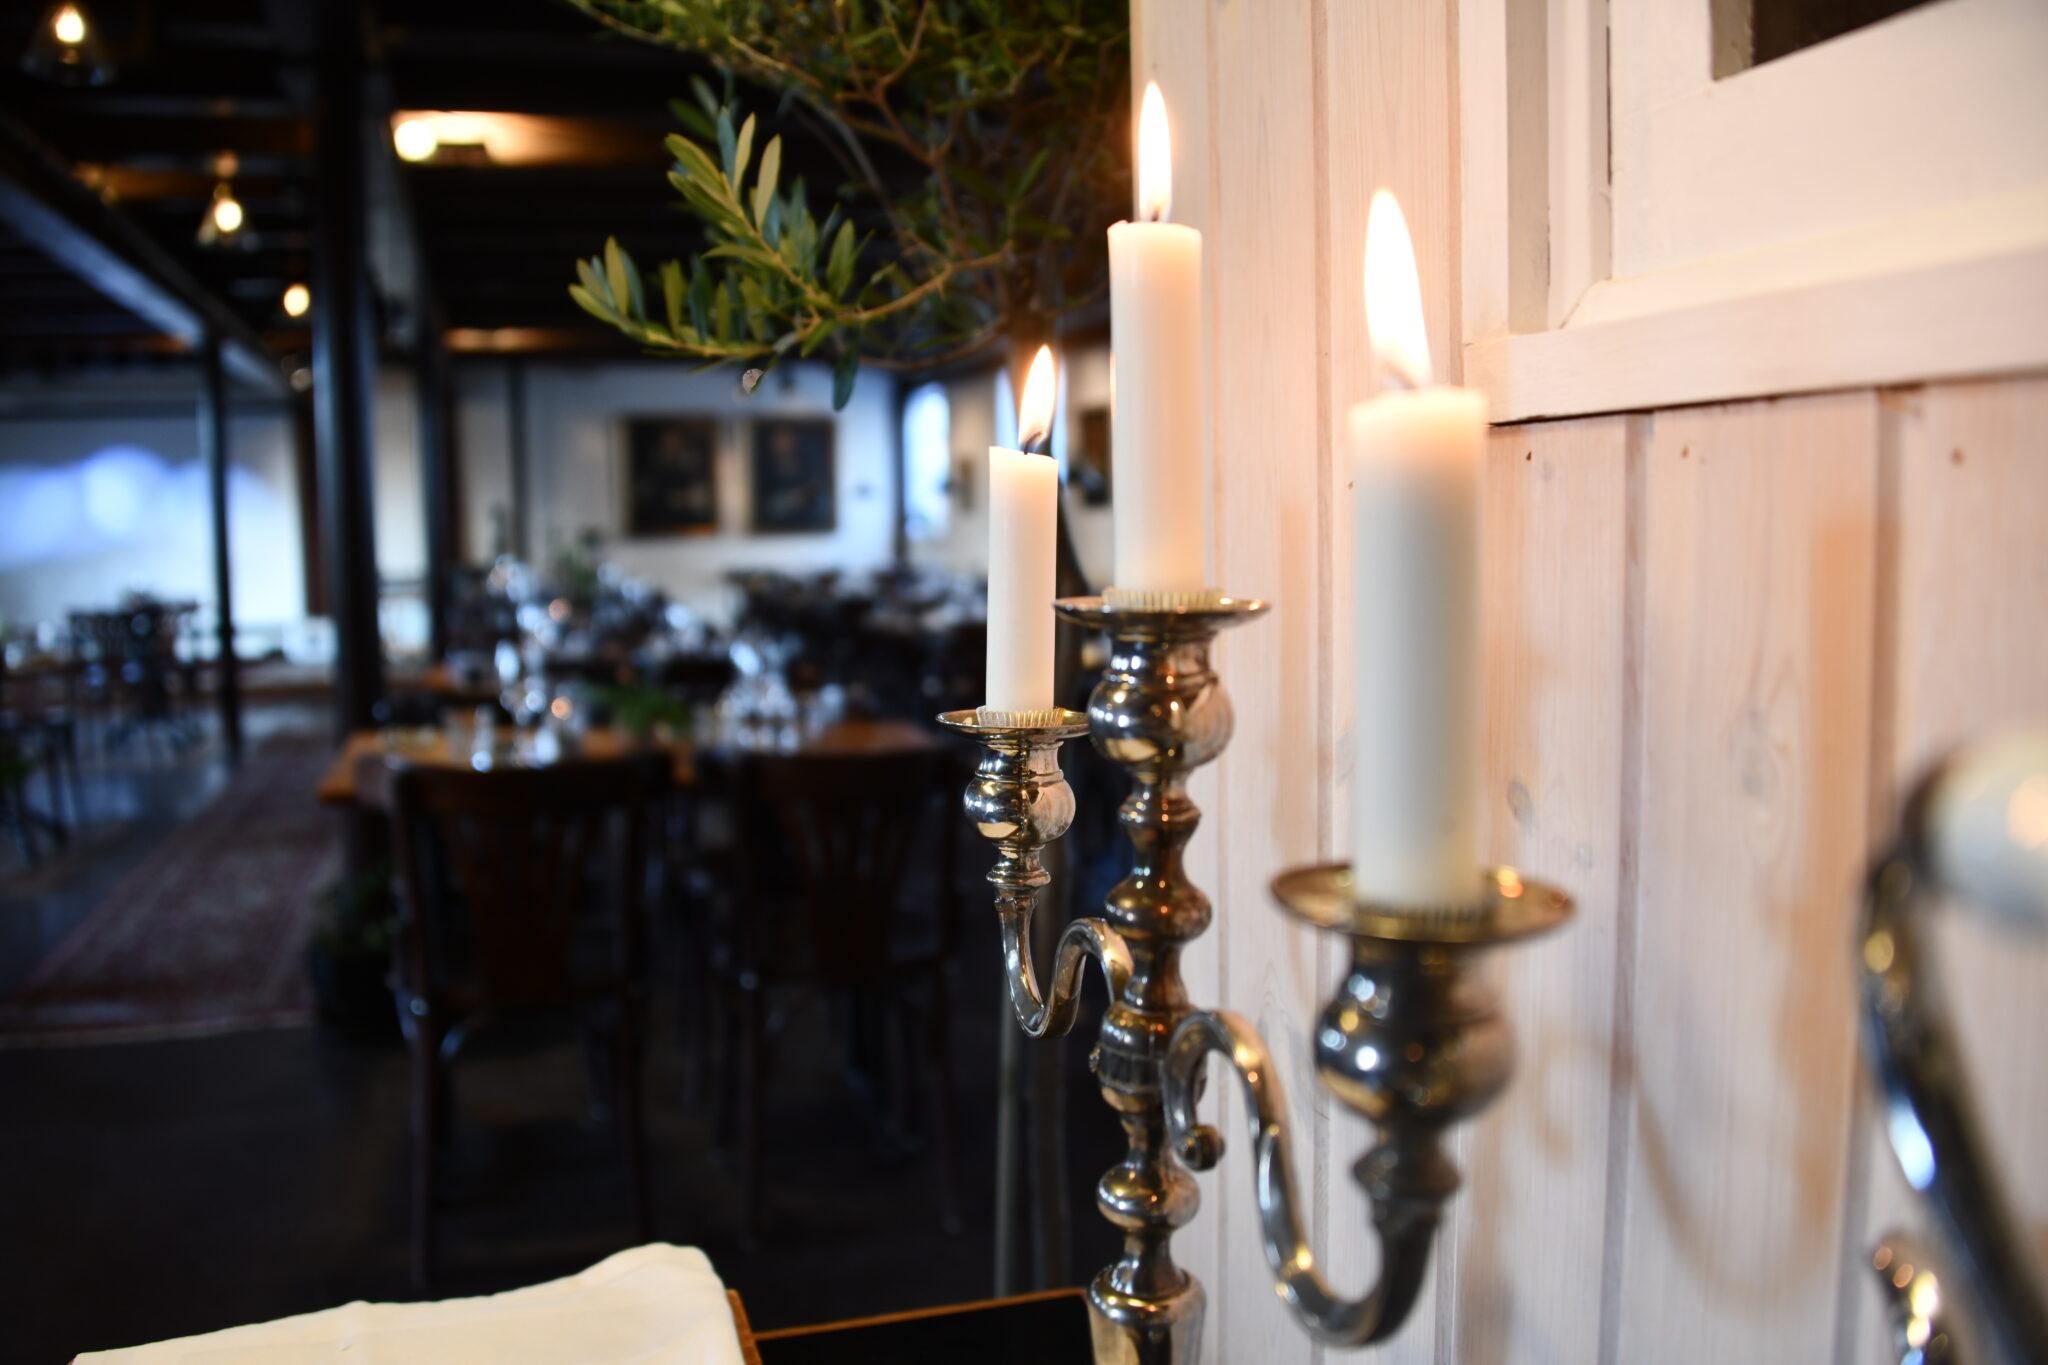 Restauranten åbner fredag den 3. september 2021